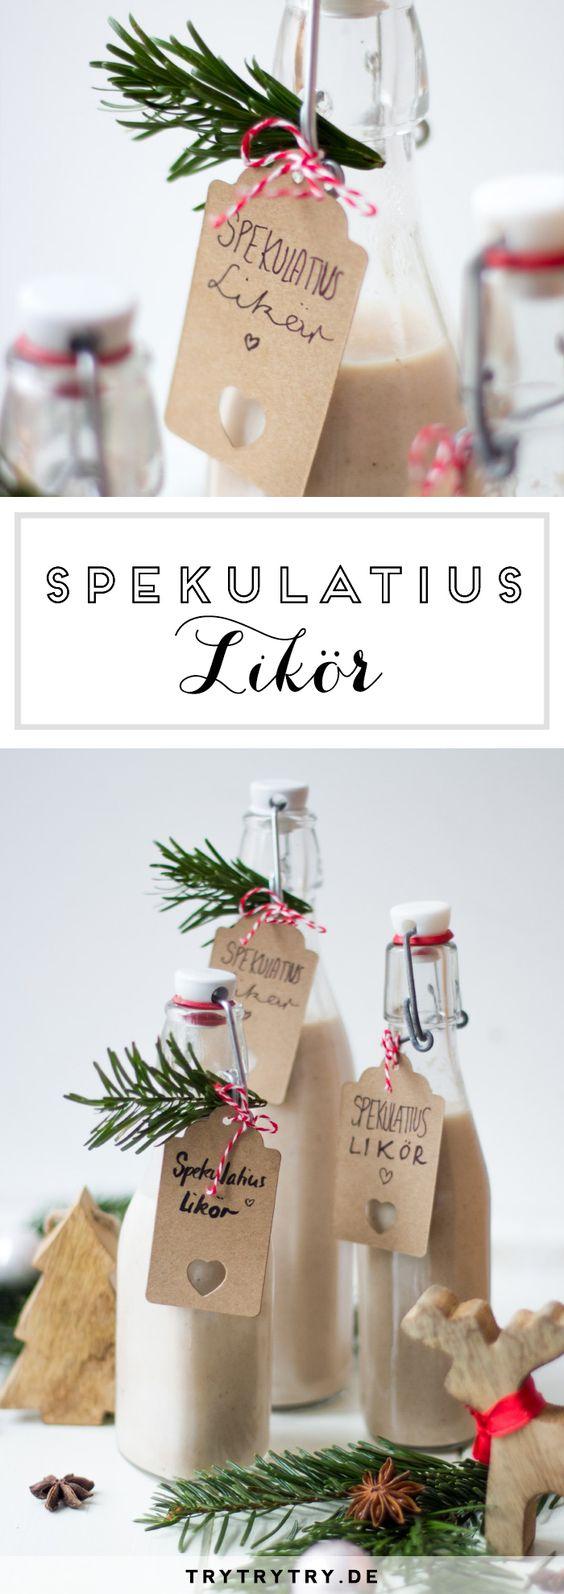 Spekulatiuslikör - Eine schöne Geschenkidee zu Weihnachten